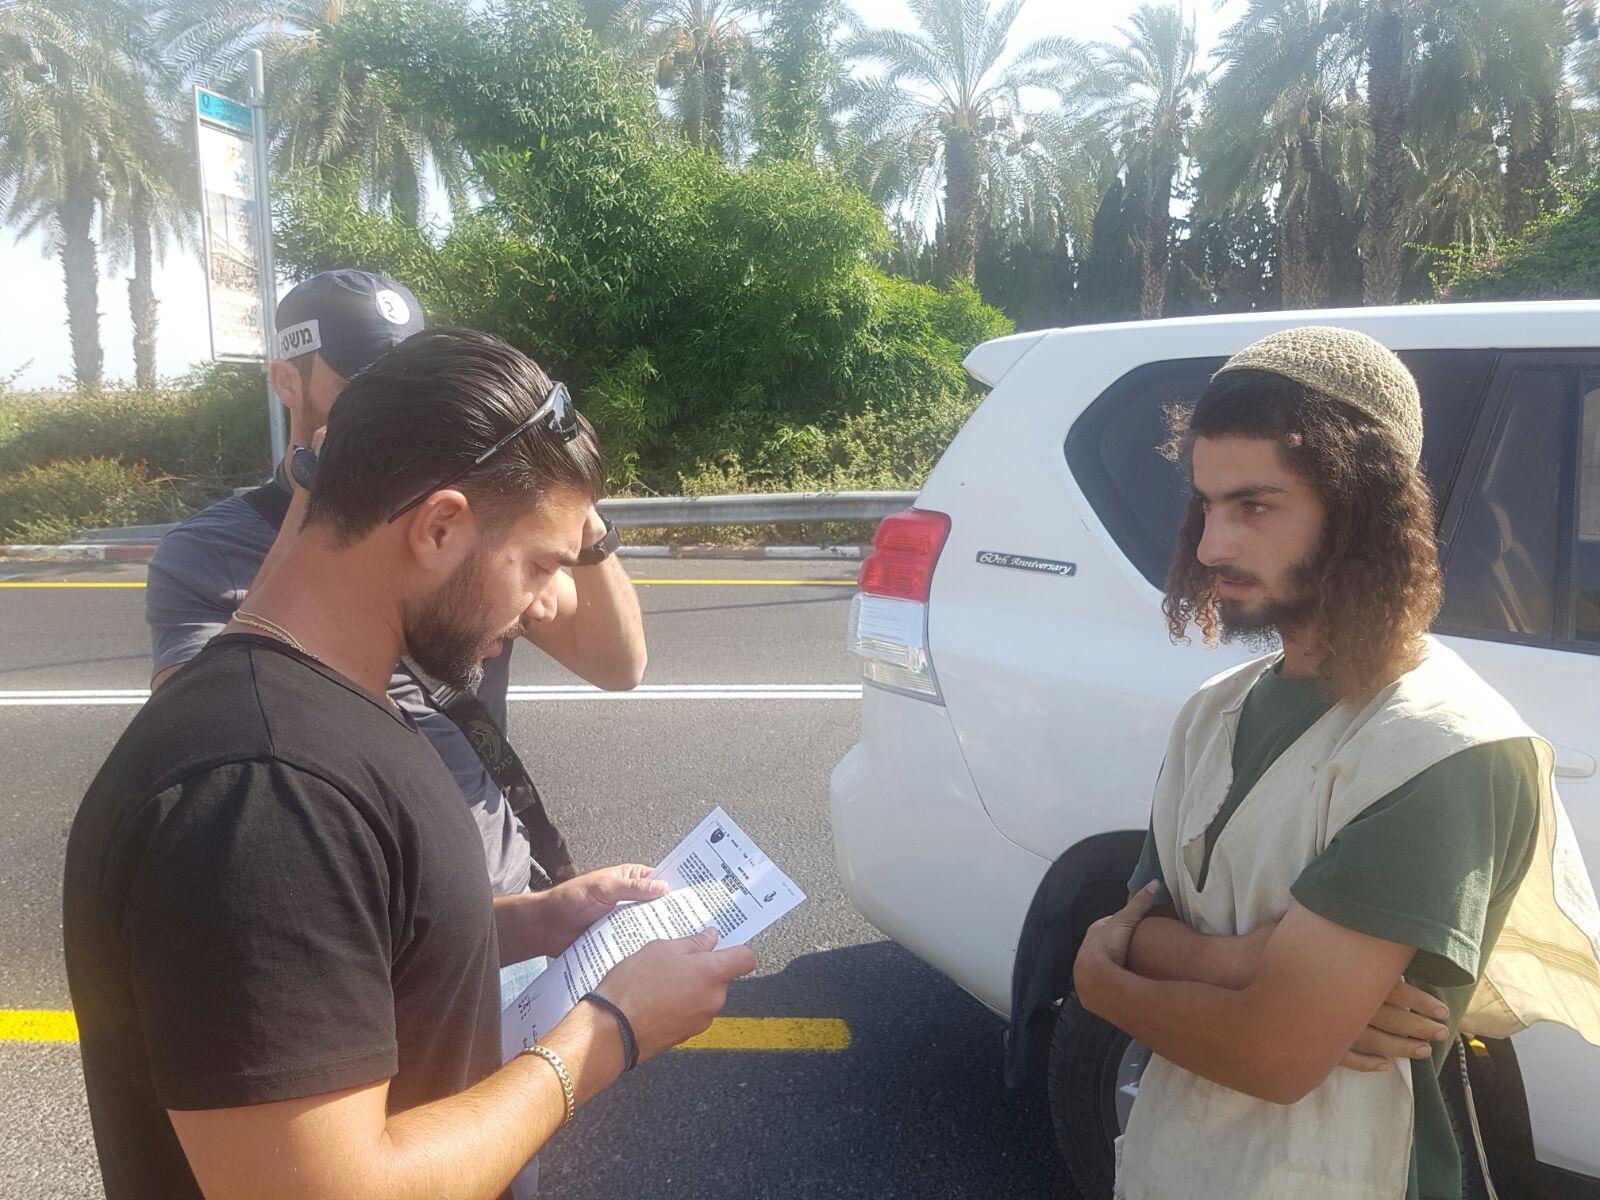 נער גבעות מקבל צו מנהלי מהמשטרה צילום: יוסף פריסמן